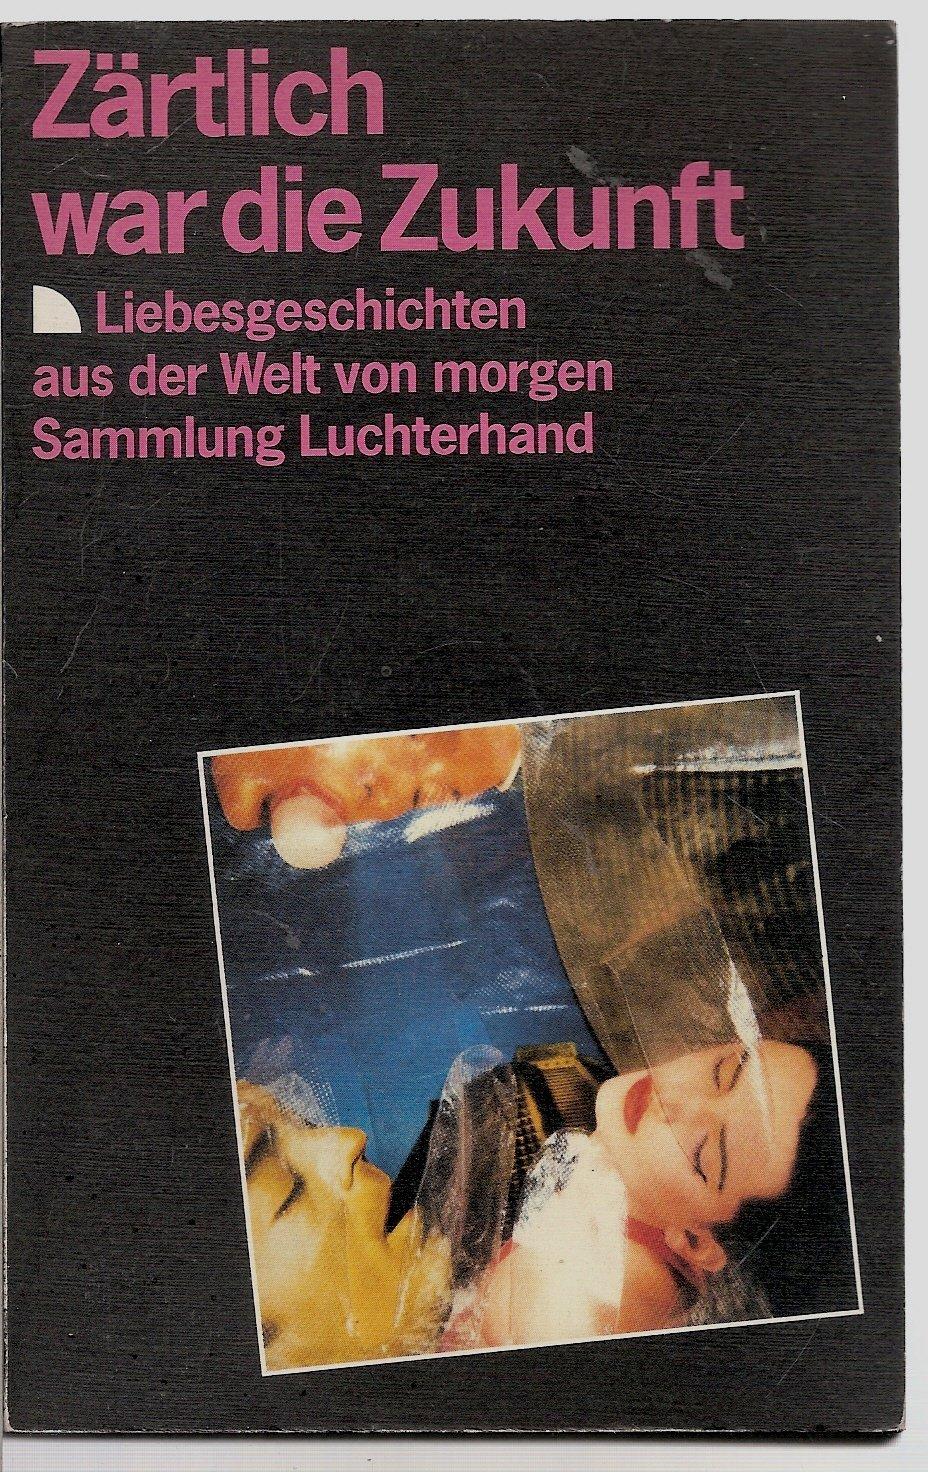 Nagula & Armer (Hrsg.) - Zärtlich war die Zukunft. Liebesgeschichten aus der Welt von morgen